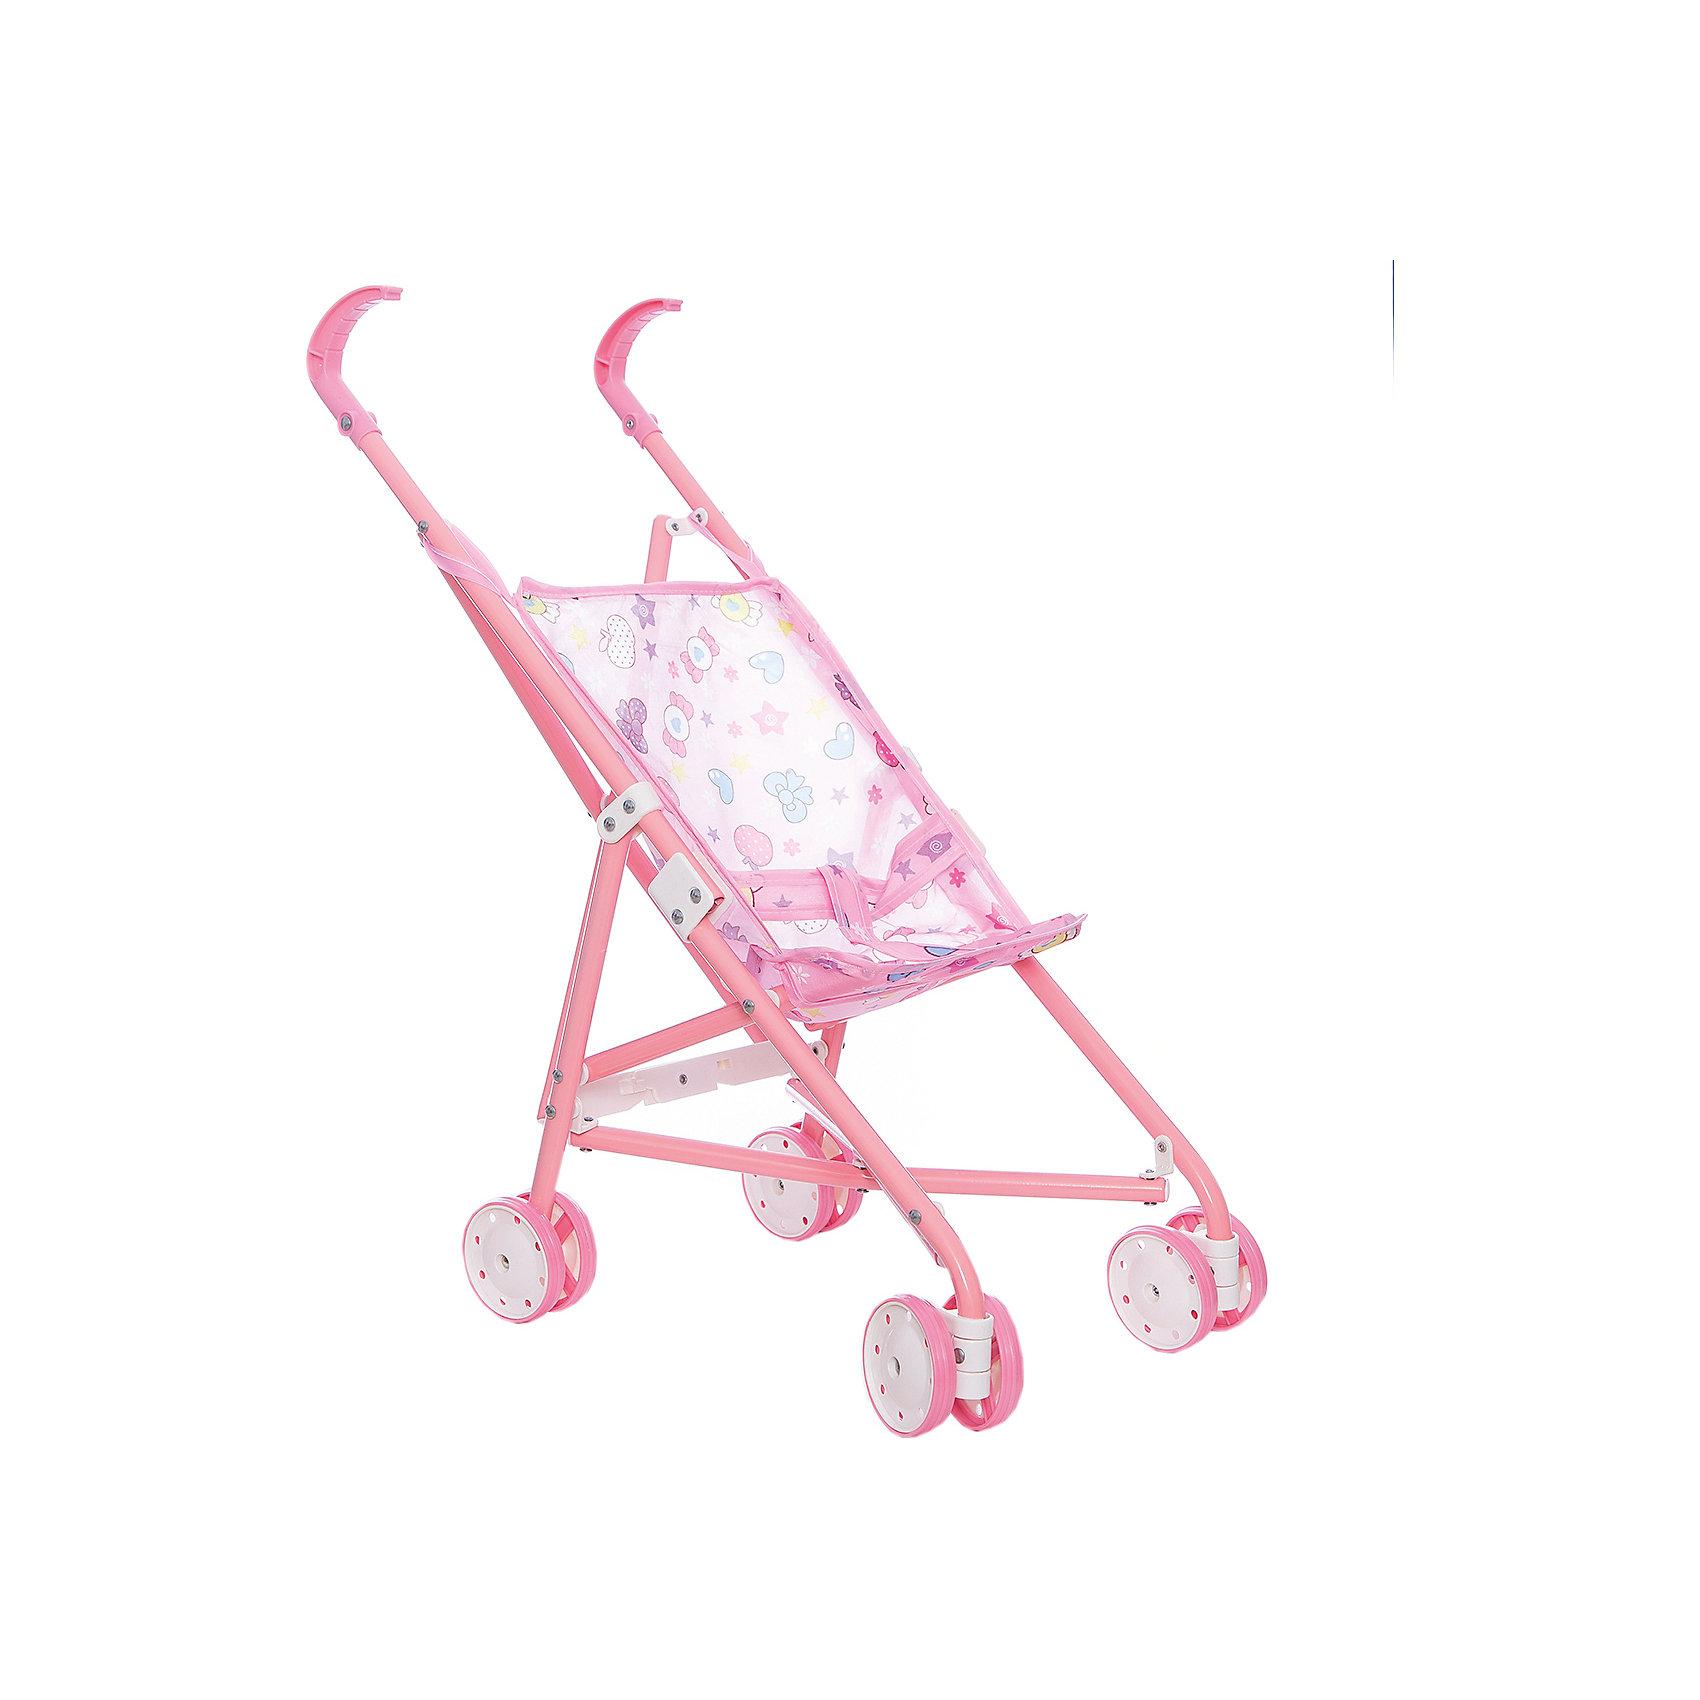 Коляска-трость для кукол, в пакетеТранспорт и коляски для кукол<br>Коляска-трость для кукол - симпатичная складная колясочка, которая идеально подойдет для прогулок с любимыми куклами.<br><br>Дополнительная информация:<br><br>Цвет: розовый.<br>Материал: пластик, металл, текстиль.<br>Размер упаковки: 10 x 66 x 12 см.<br><br>Коляску-трость для кукол можно купить в нашем интернет-магазине.<br><br>Ширина мм: 100<br>Глубина мм: 140<br>Высота мм: 700<br>Вес г: 630<br>Возраст от месяцев: 36<br>Возраст до месяцев: 108<br>Пол: Женский<br>Возраст: Детский<br>SKU: 4651485